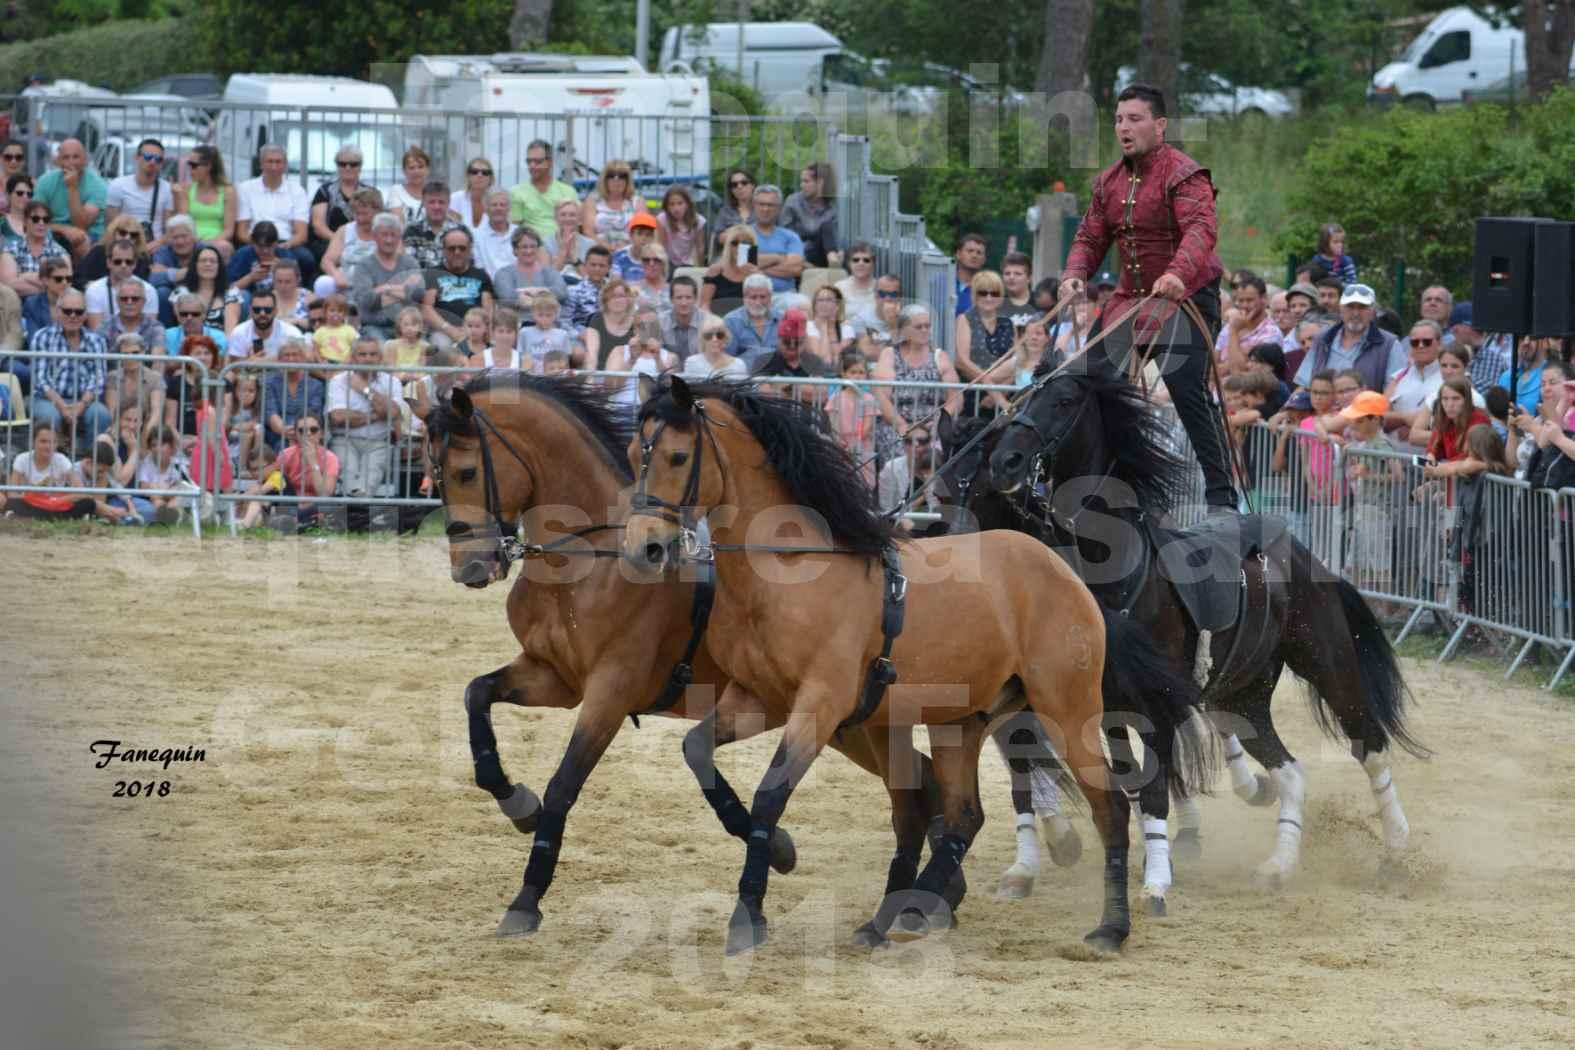 Spectacle Équestre le 3 juin 2018 à Saint Gély du Fesc - Poste Hongroise de 2 à 6 chevaux - Benoît SOUMILLE - 10